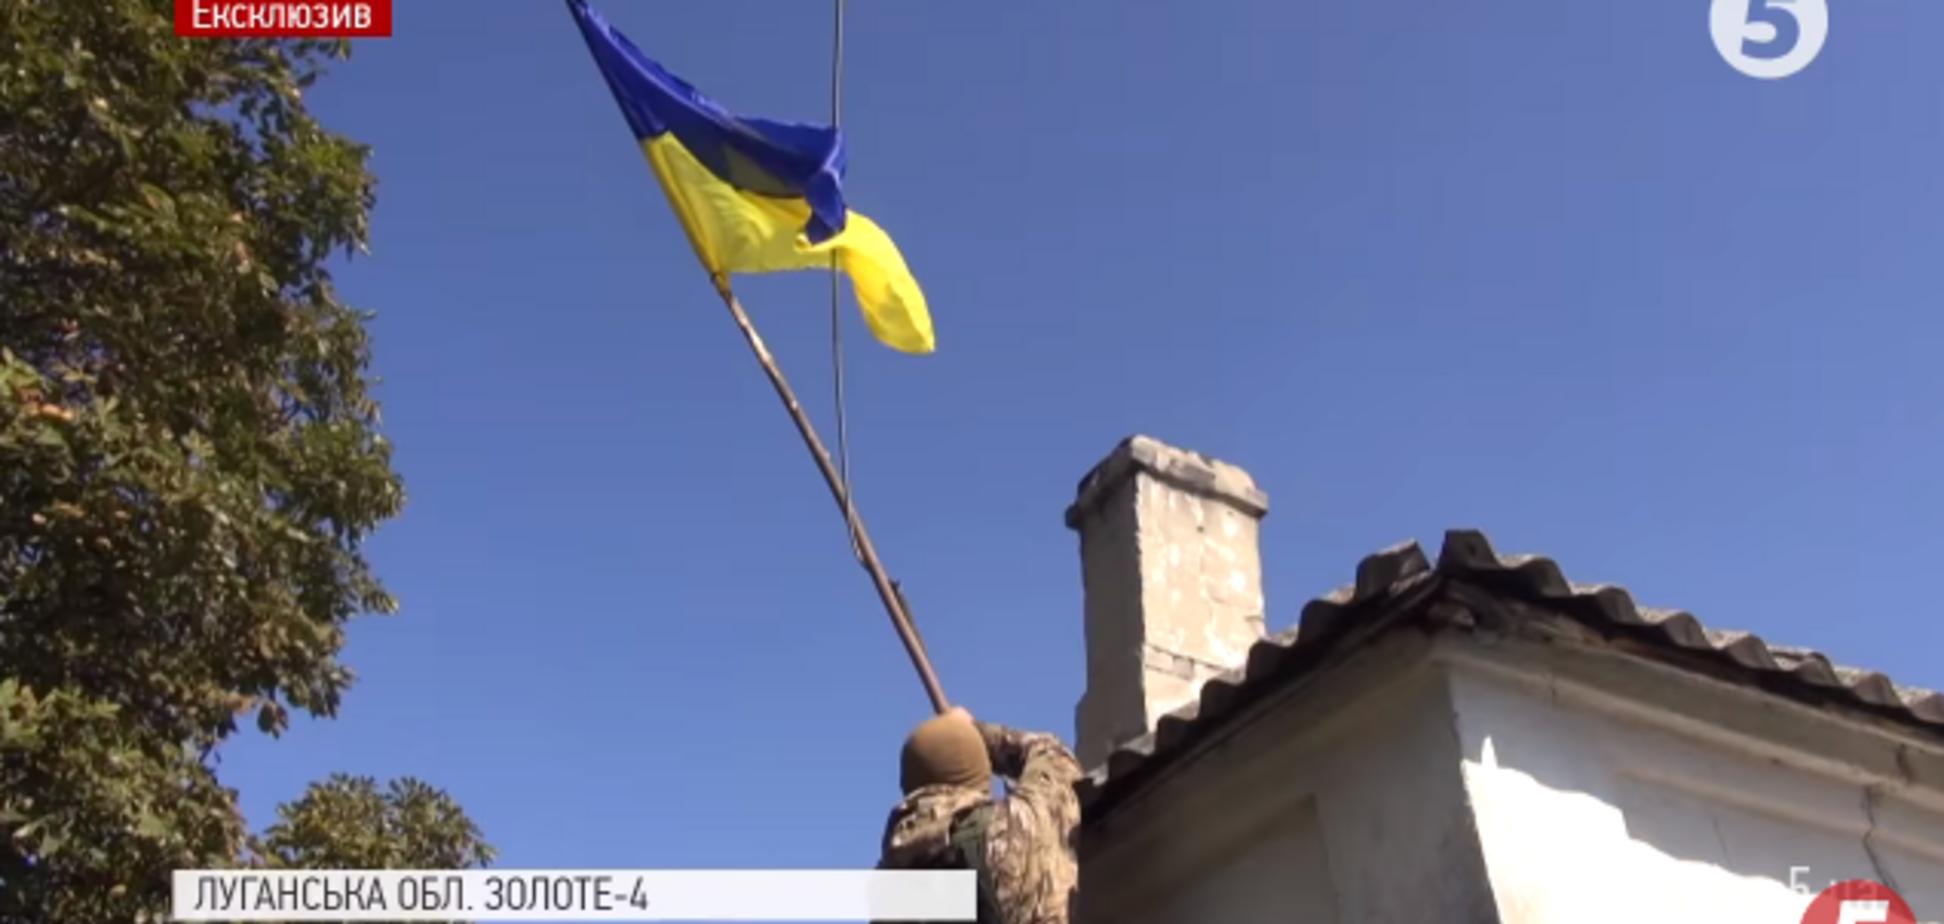 Встречали со слезами на глазах: ВСУ подняли флаг над освобожденным поселком на Донбассе